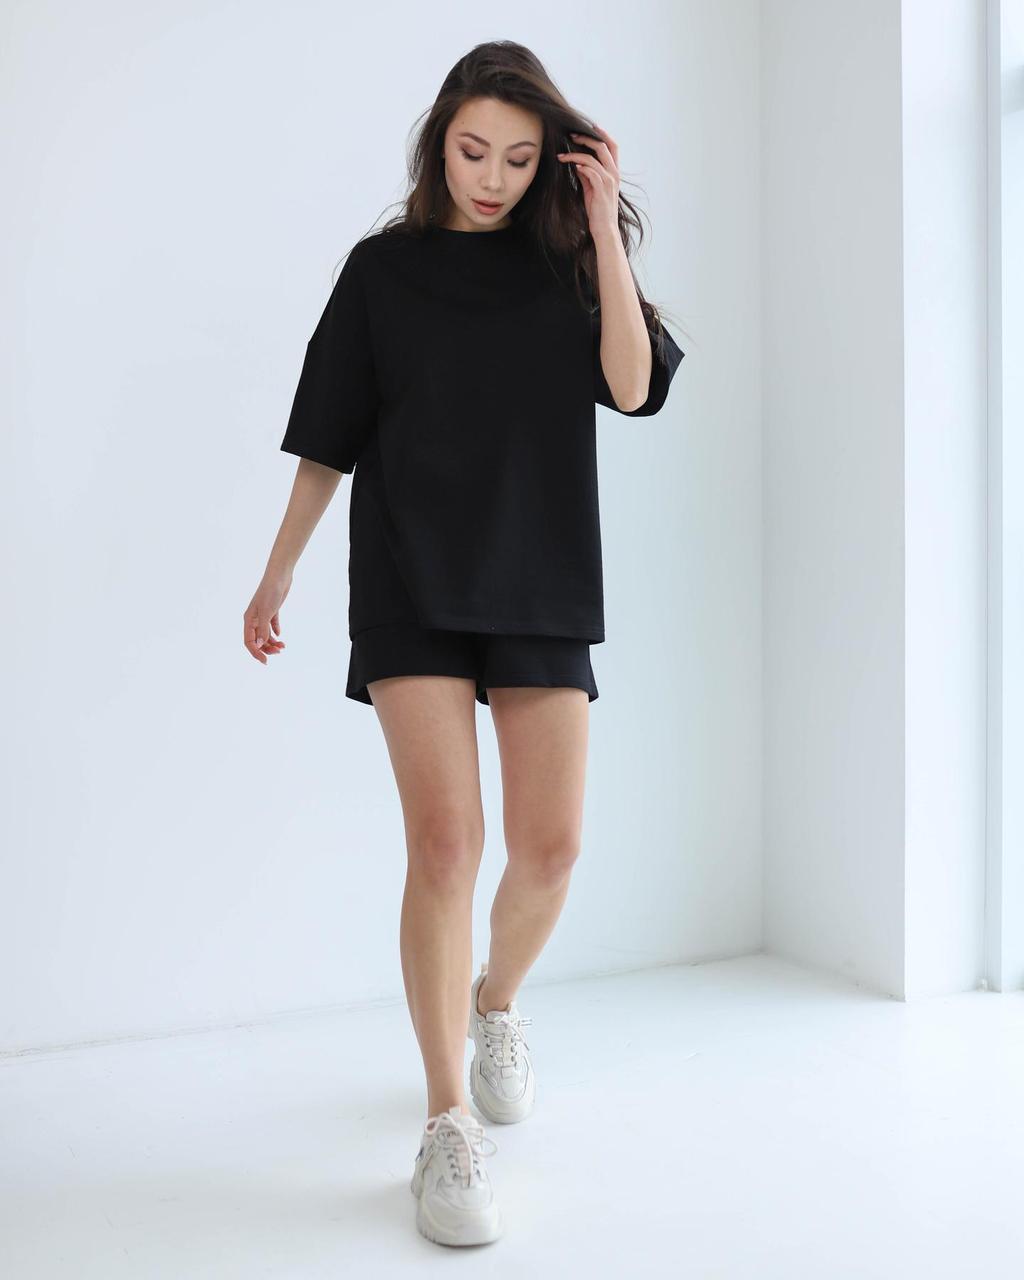 Костюм летний женский черный шорты + футболка